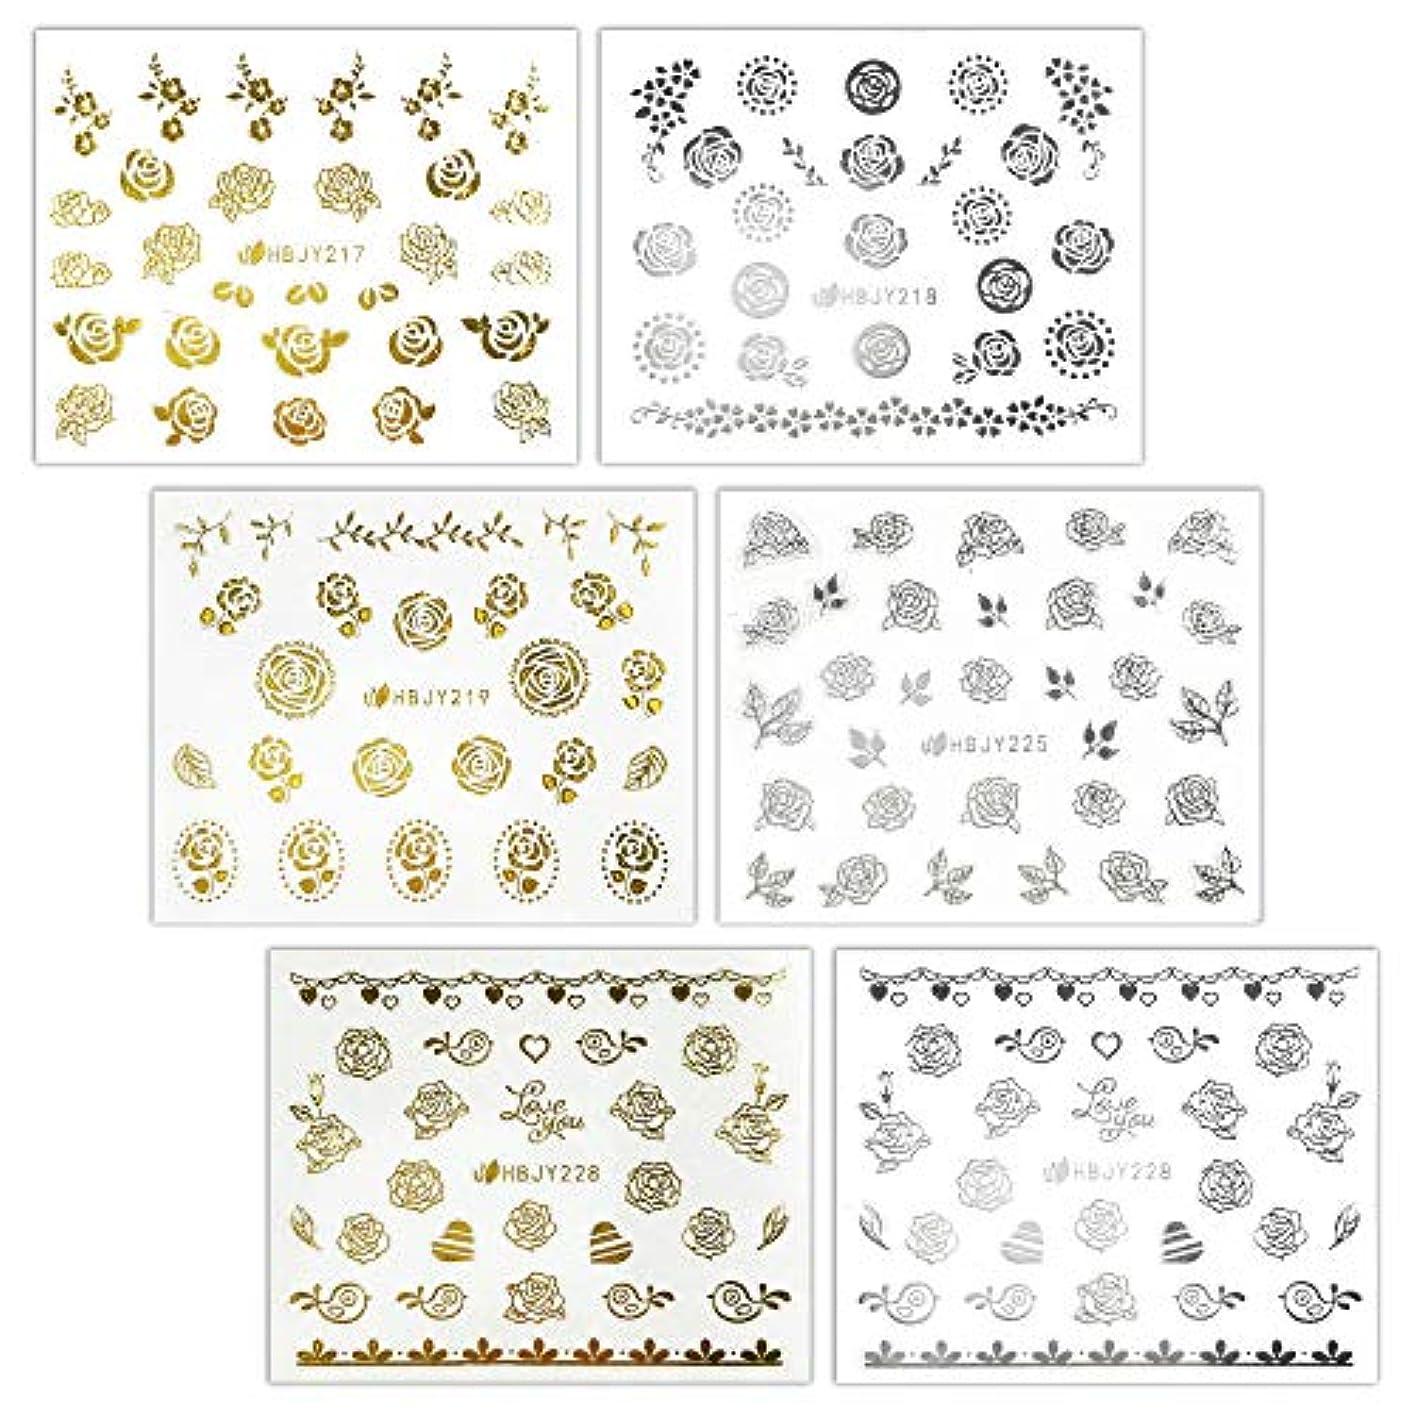 食器棚方法論結晶【リュミエラ】6枚セット レジン ネイル シールJ【3種類×2色 各1枚】ゴールド シルバー いろんなバラ ネイルにも!